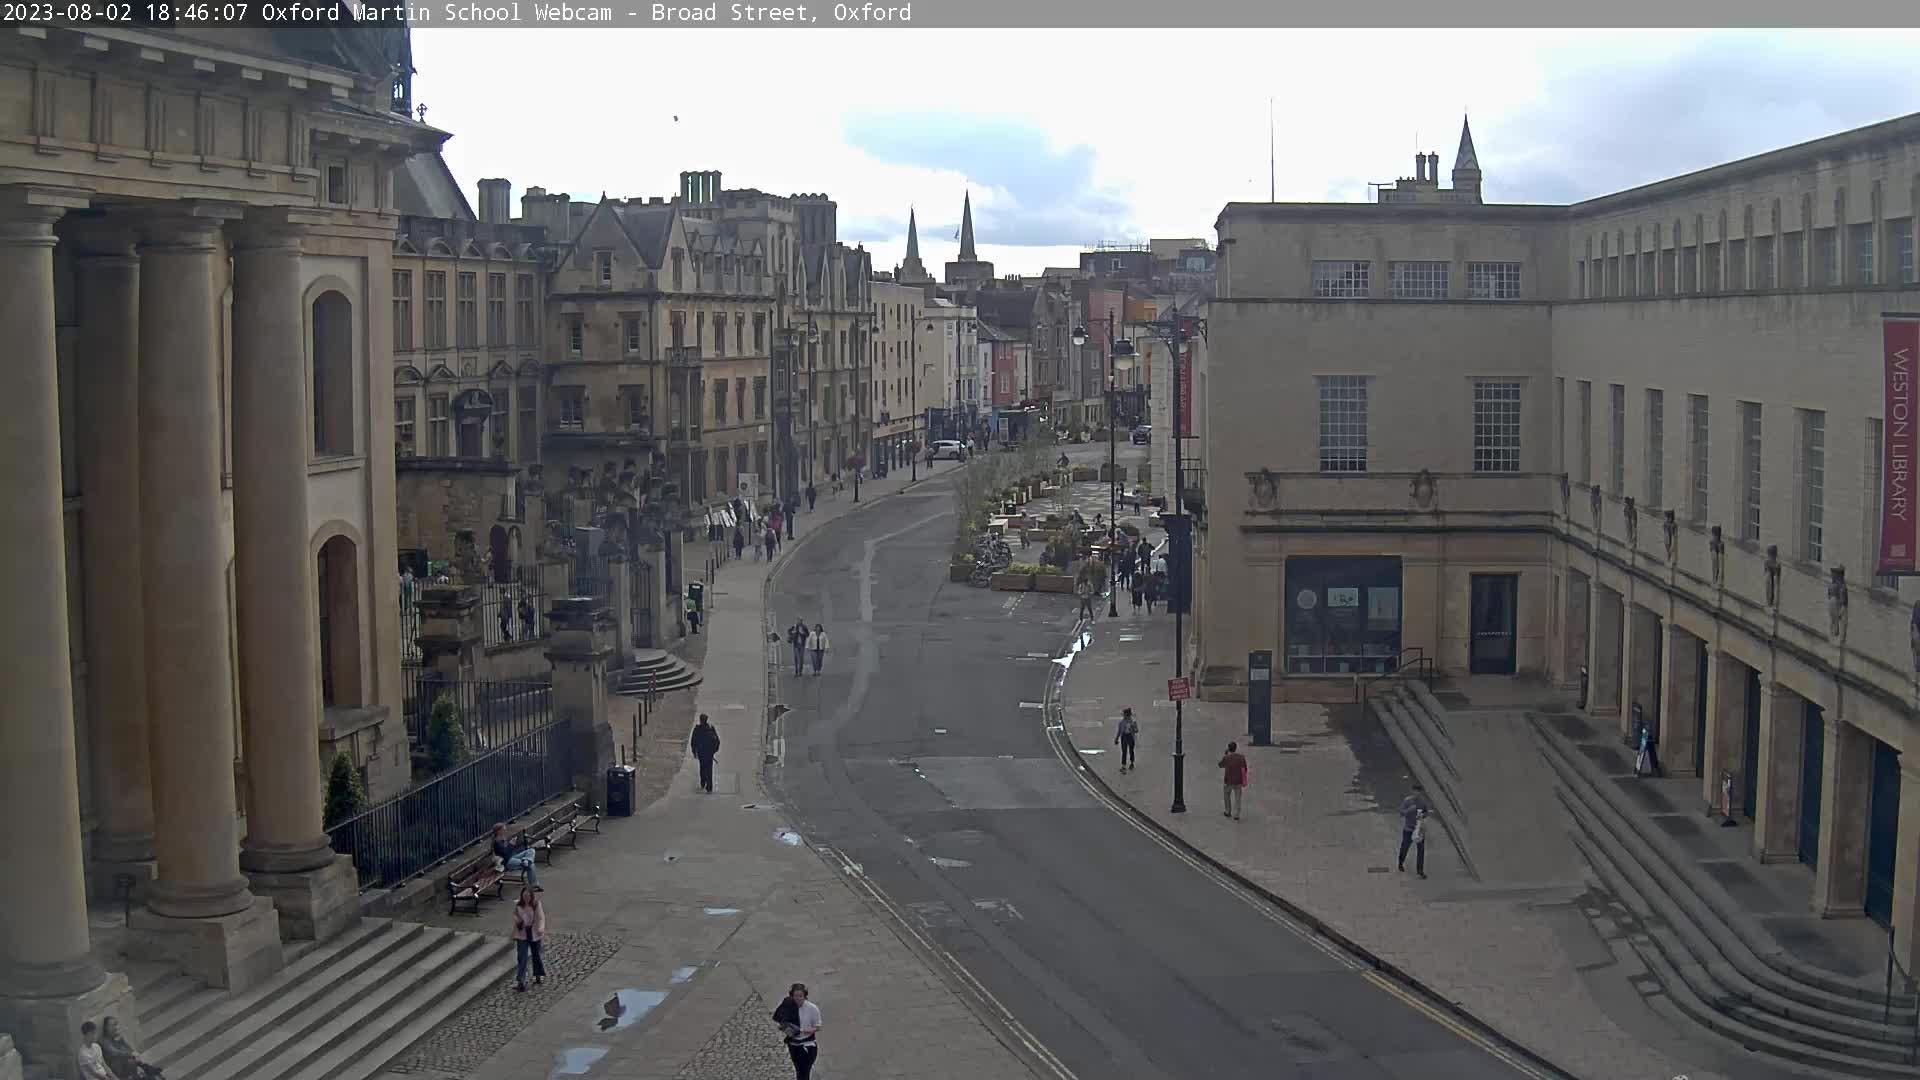 Oxford Sun. 18:46